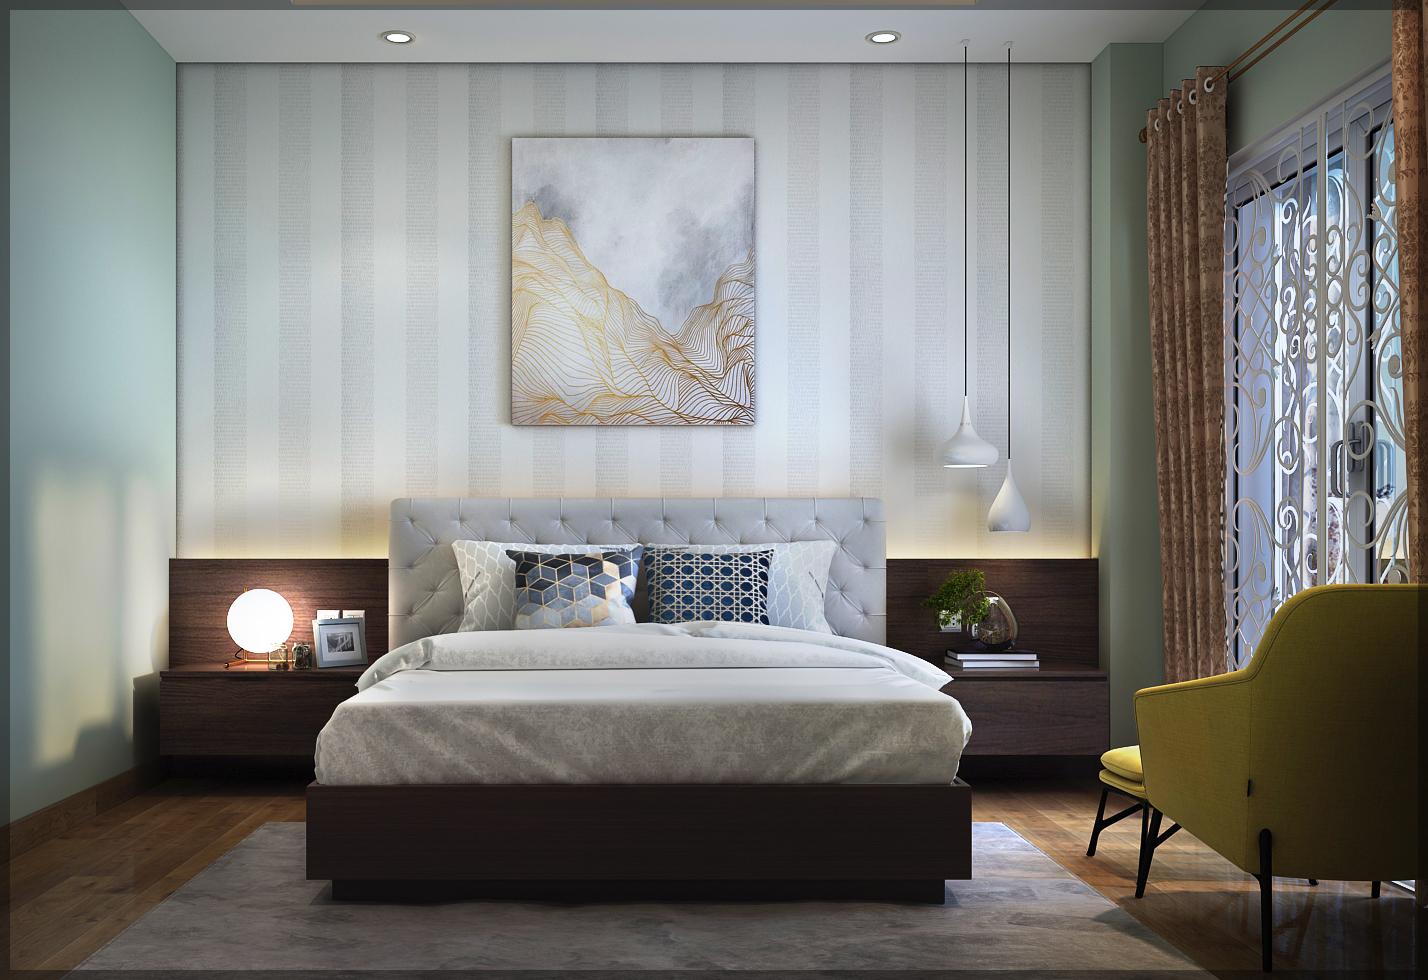 thiết kế nội thất Biệt Thự tại Hồ Chí Minh Mr Cường 4 1534911094